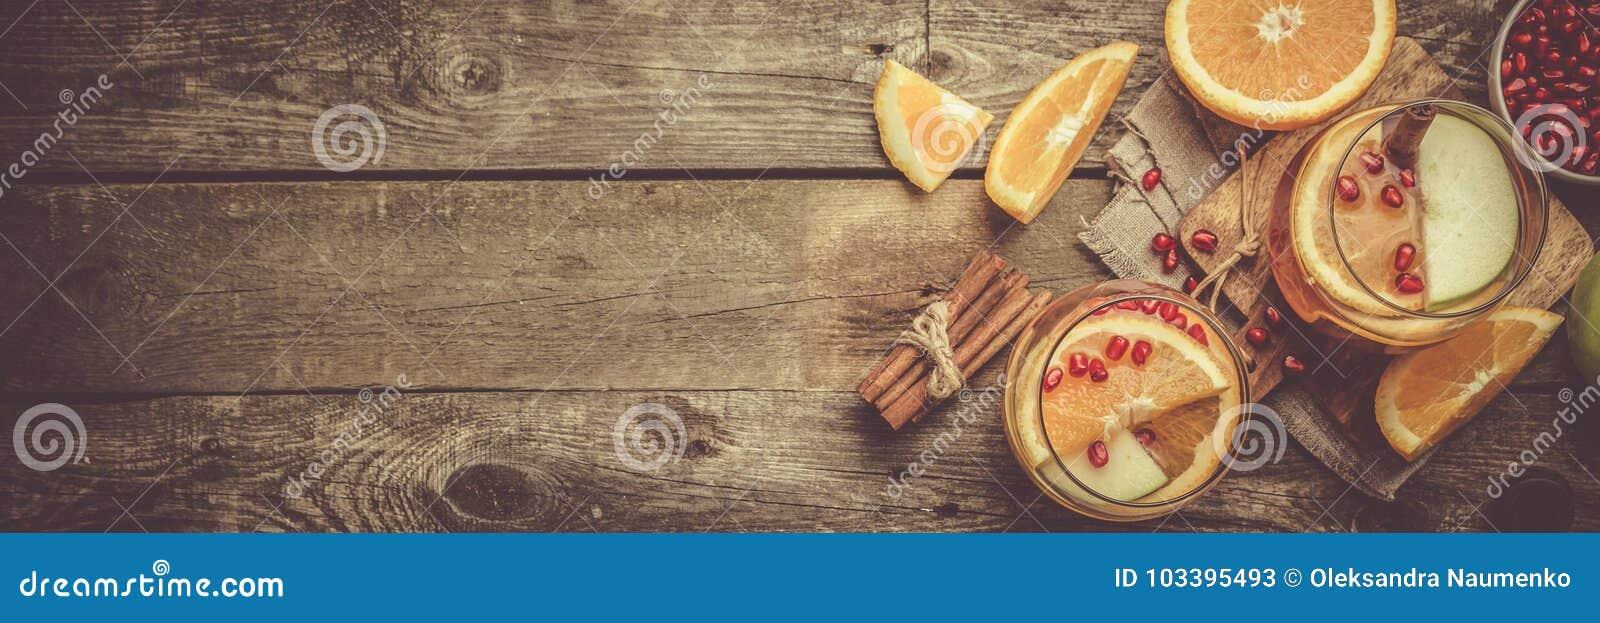 Funderat vin med apelsiner, granatäpple